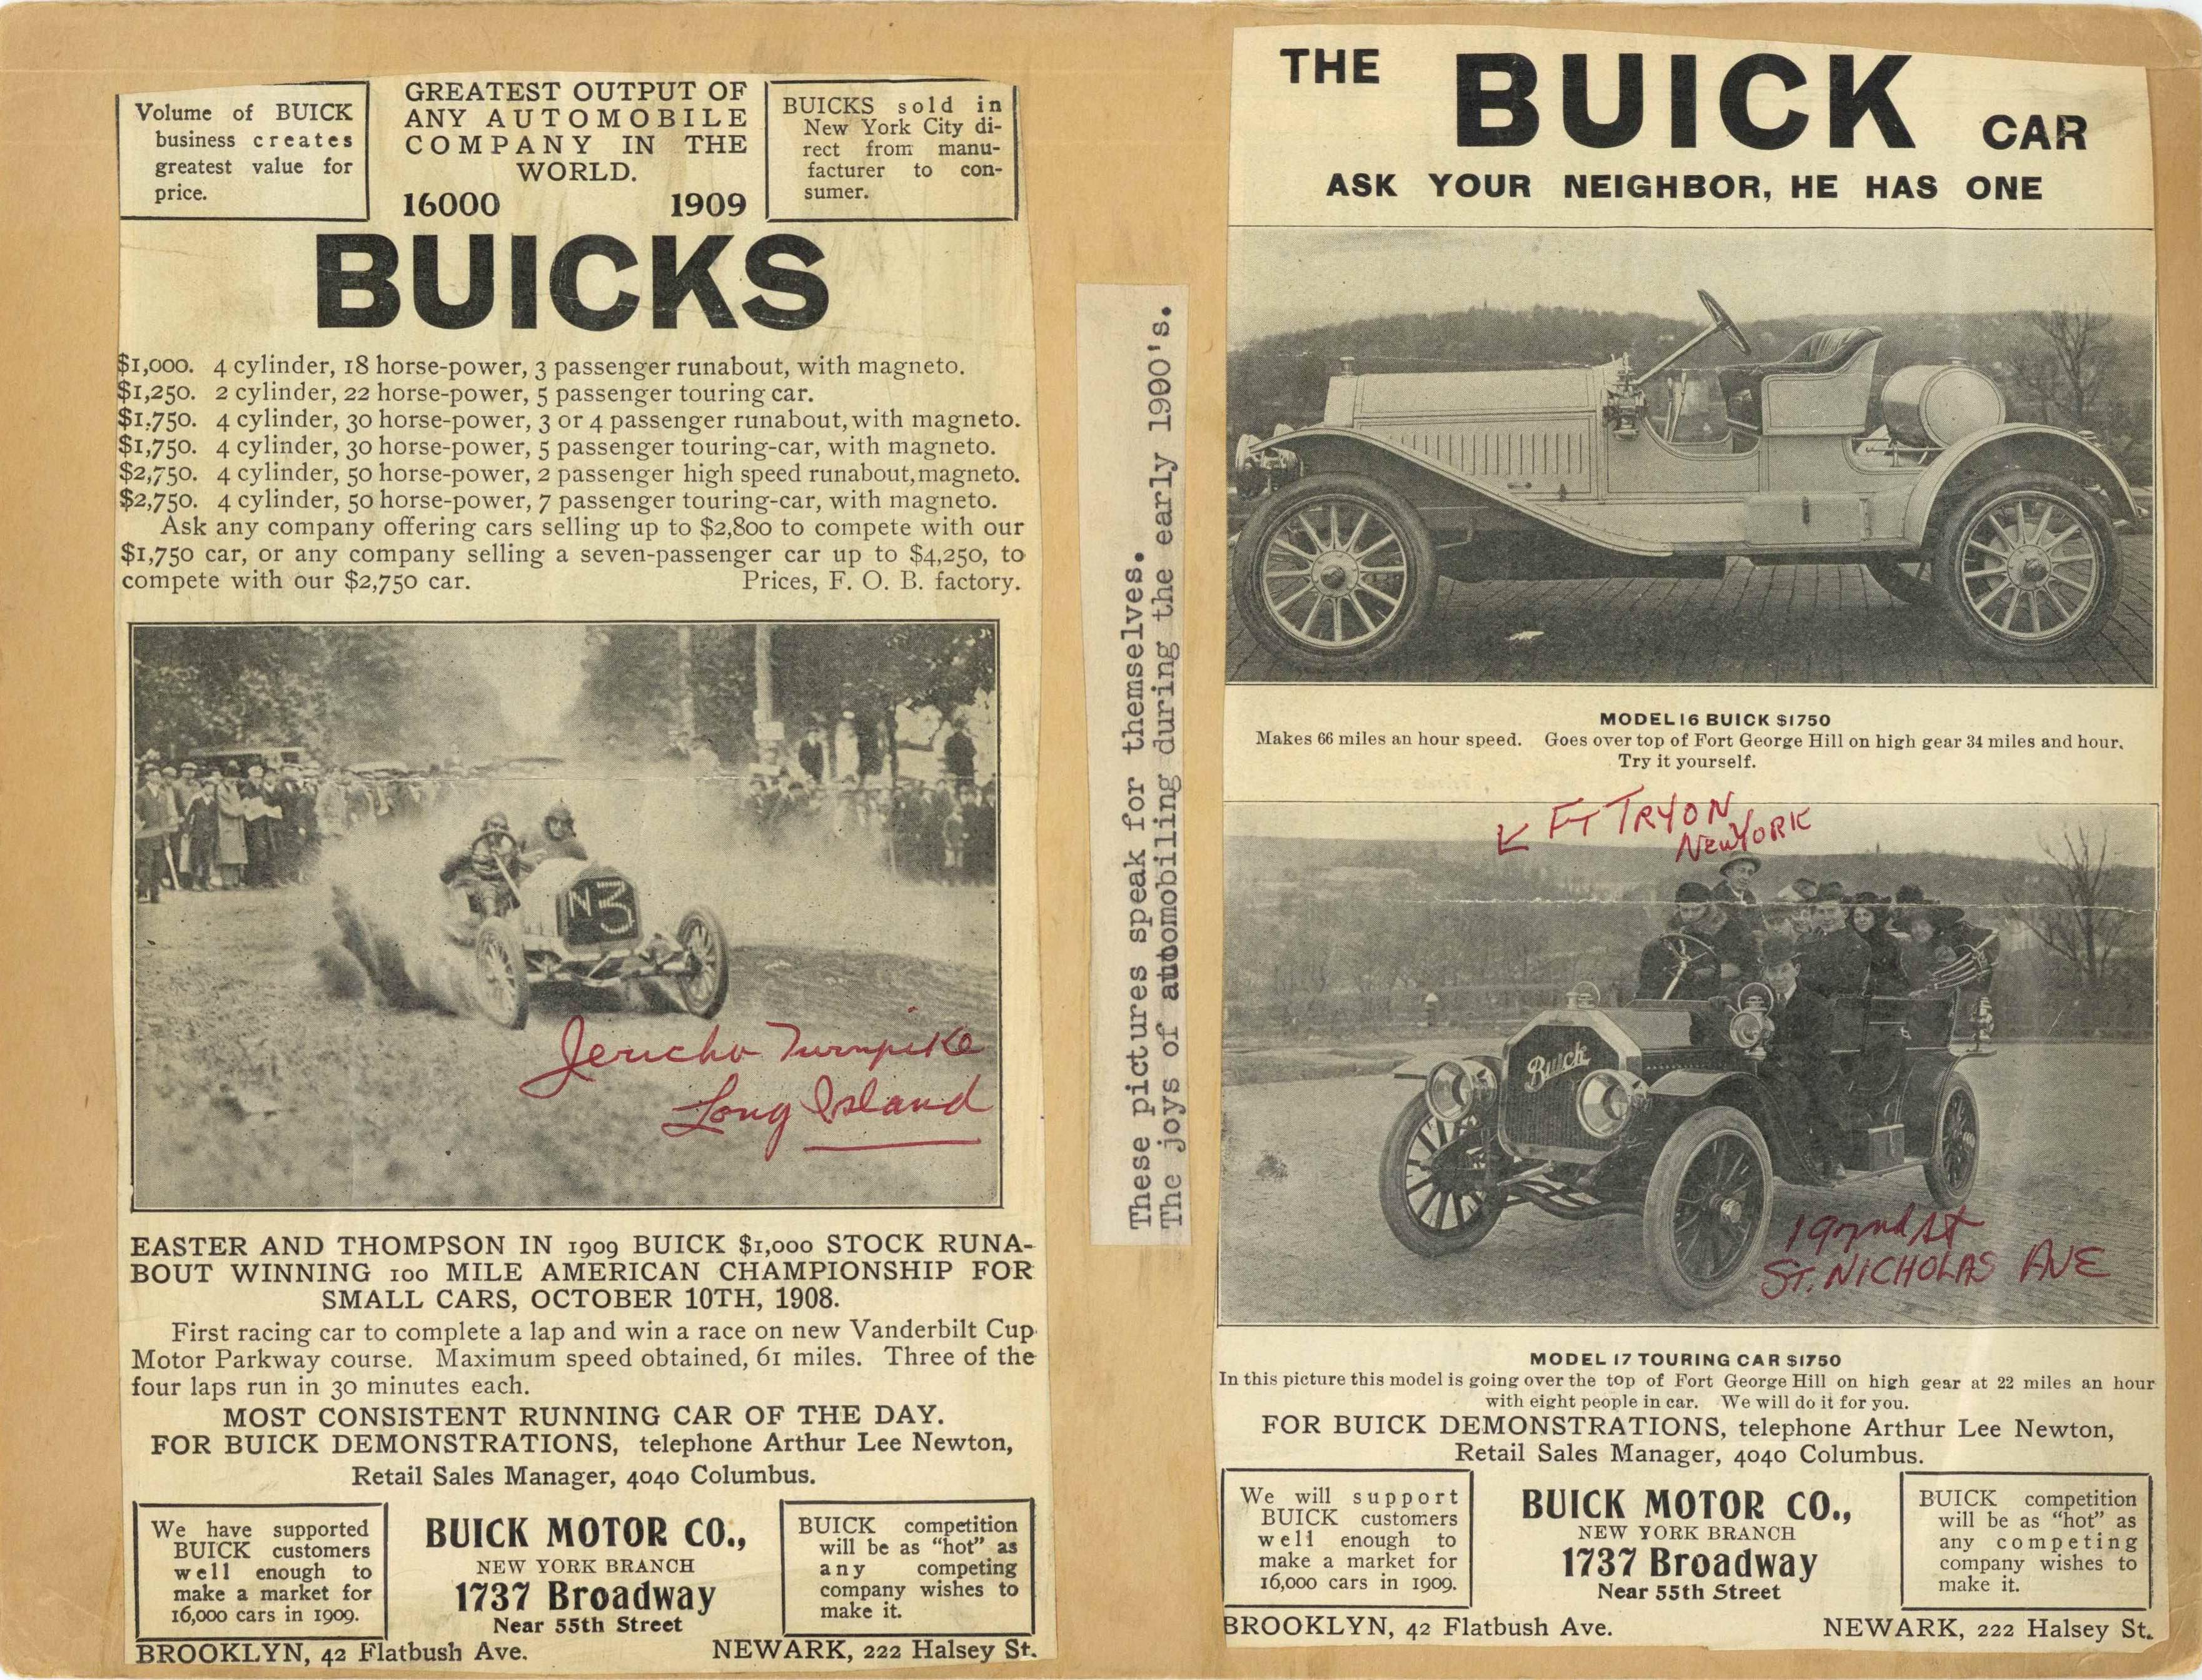 1909-BUICK-Racing-scrapbook-page.jpg